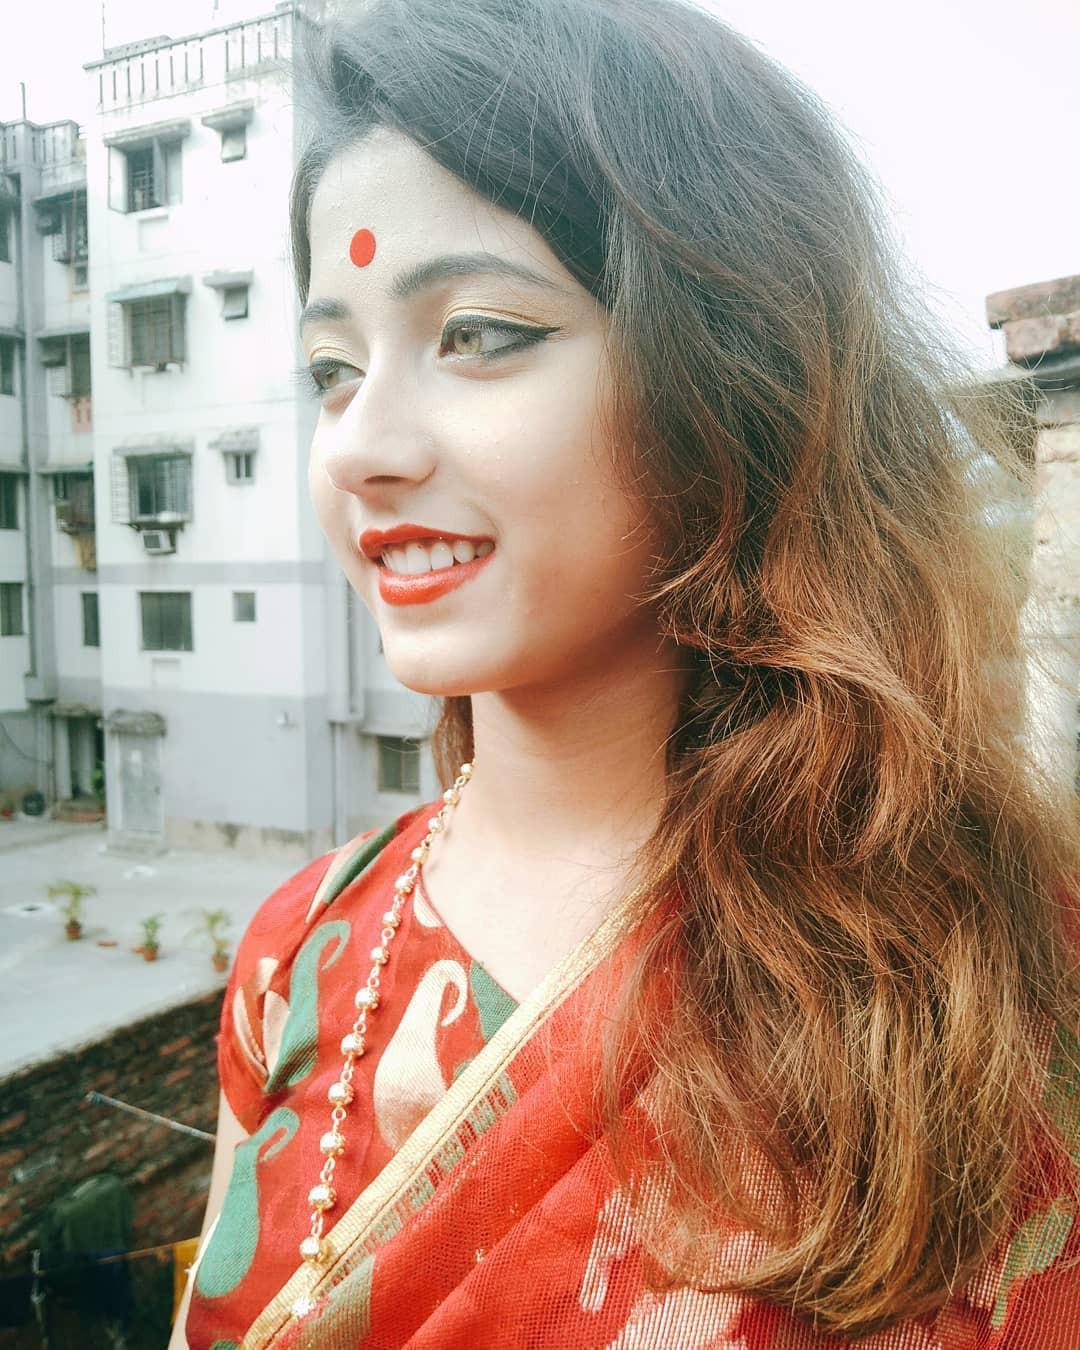 Xuất hiện trong lễ hội Mùa Xuân, thiếu nữ Ấn Độ khiến cộng đồng mạng chao đảo vì nhan sắc đẹp tựa thần tiên - Ảnh 7.